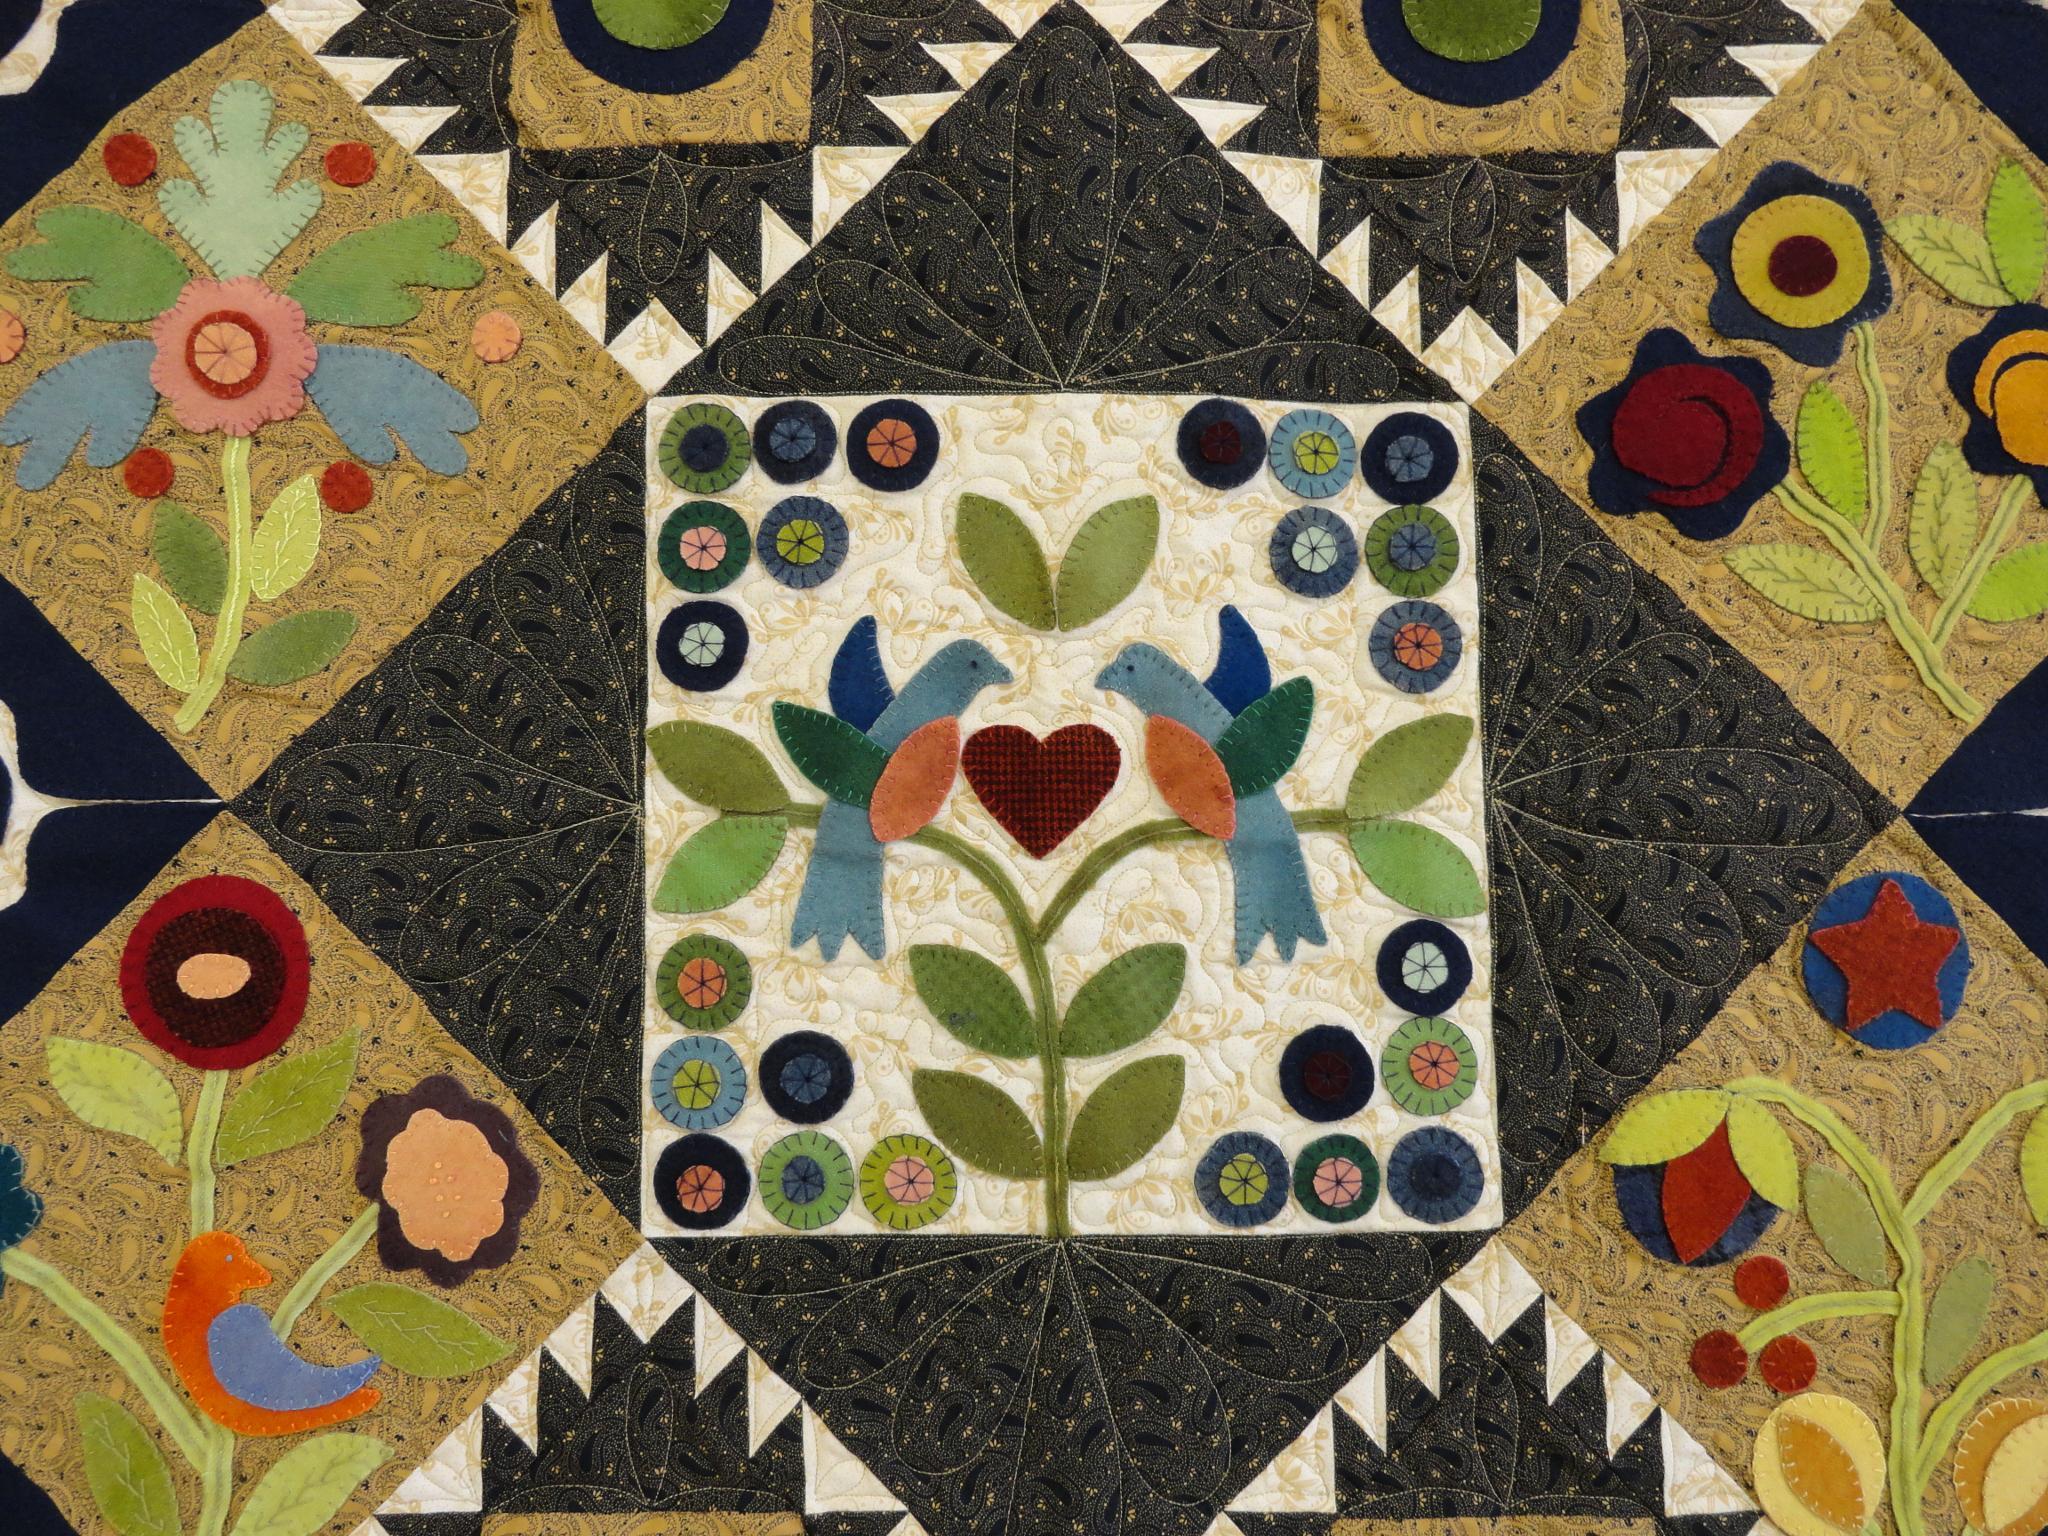 Quilt #5 by Rosalie H Mazure